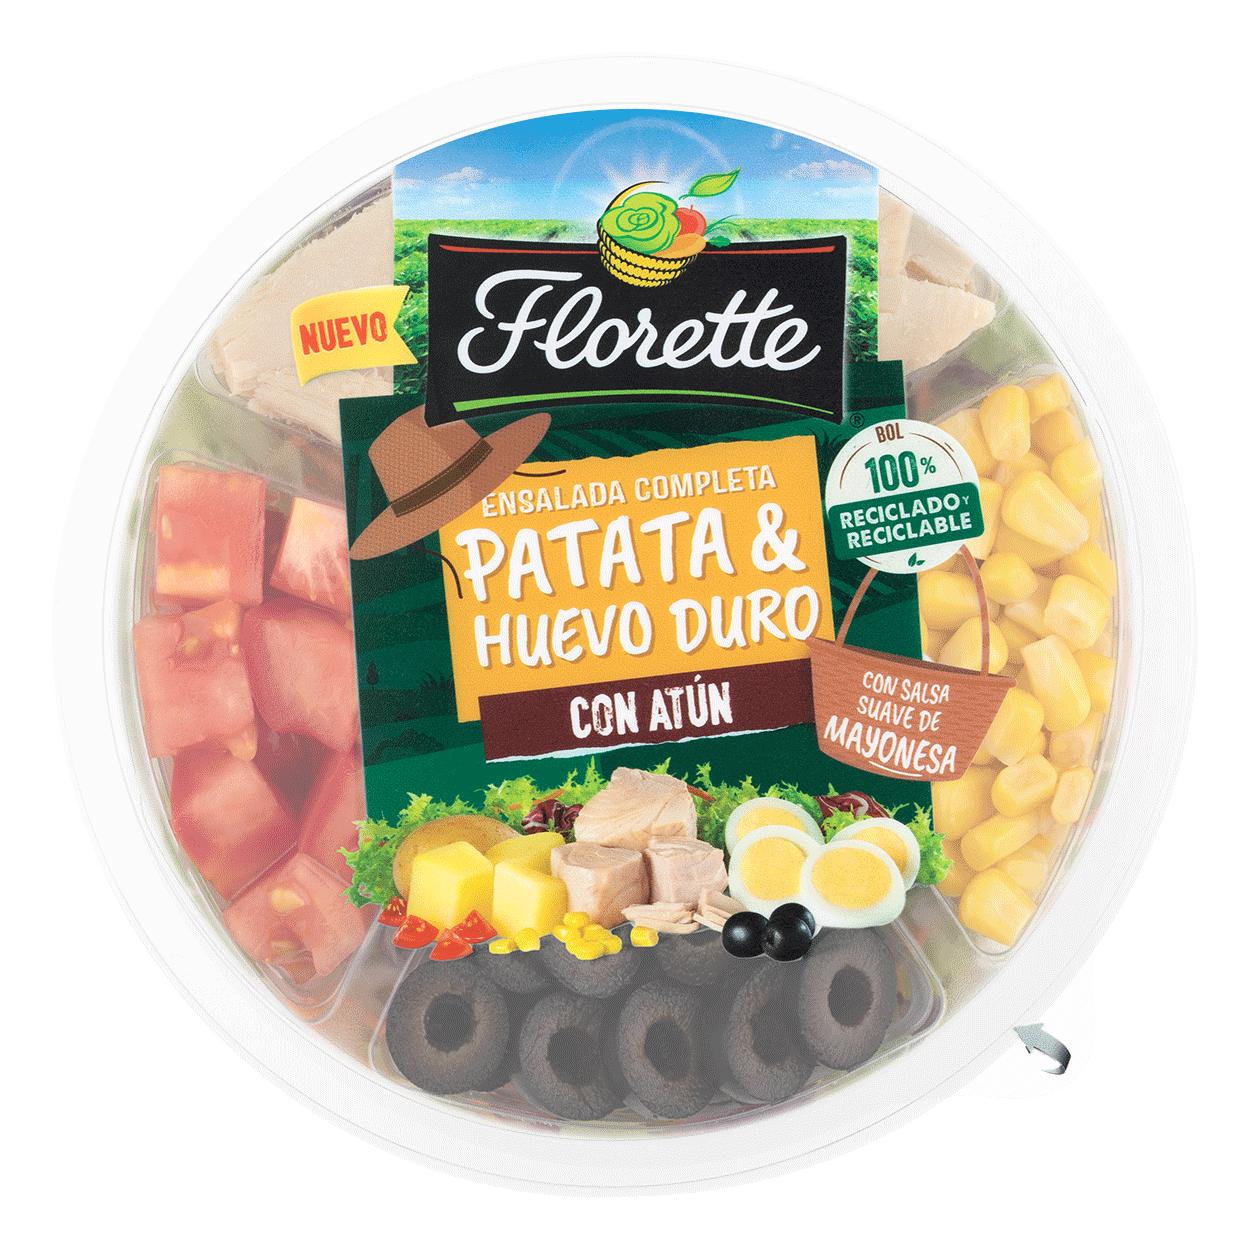 Ensalada completa de patata y huevo duro con escarola lisa, zanahoria, radicchio, parata, huevo duro, salsa suave de mayonesa, maiz pimiento verde, atun, pimiento rojo, aceitunas negras y tomate en dados